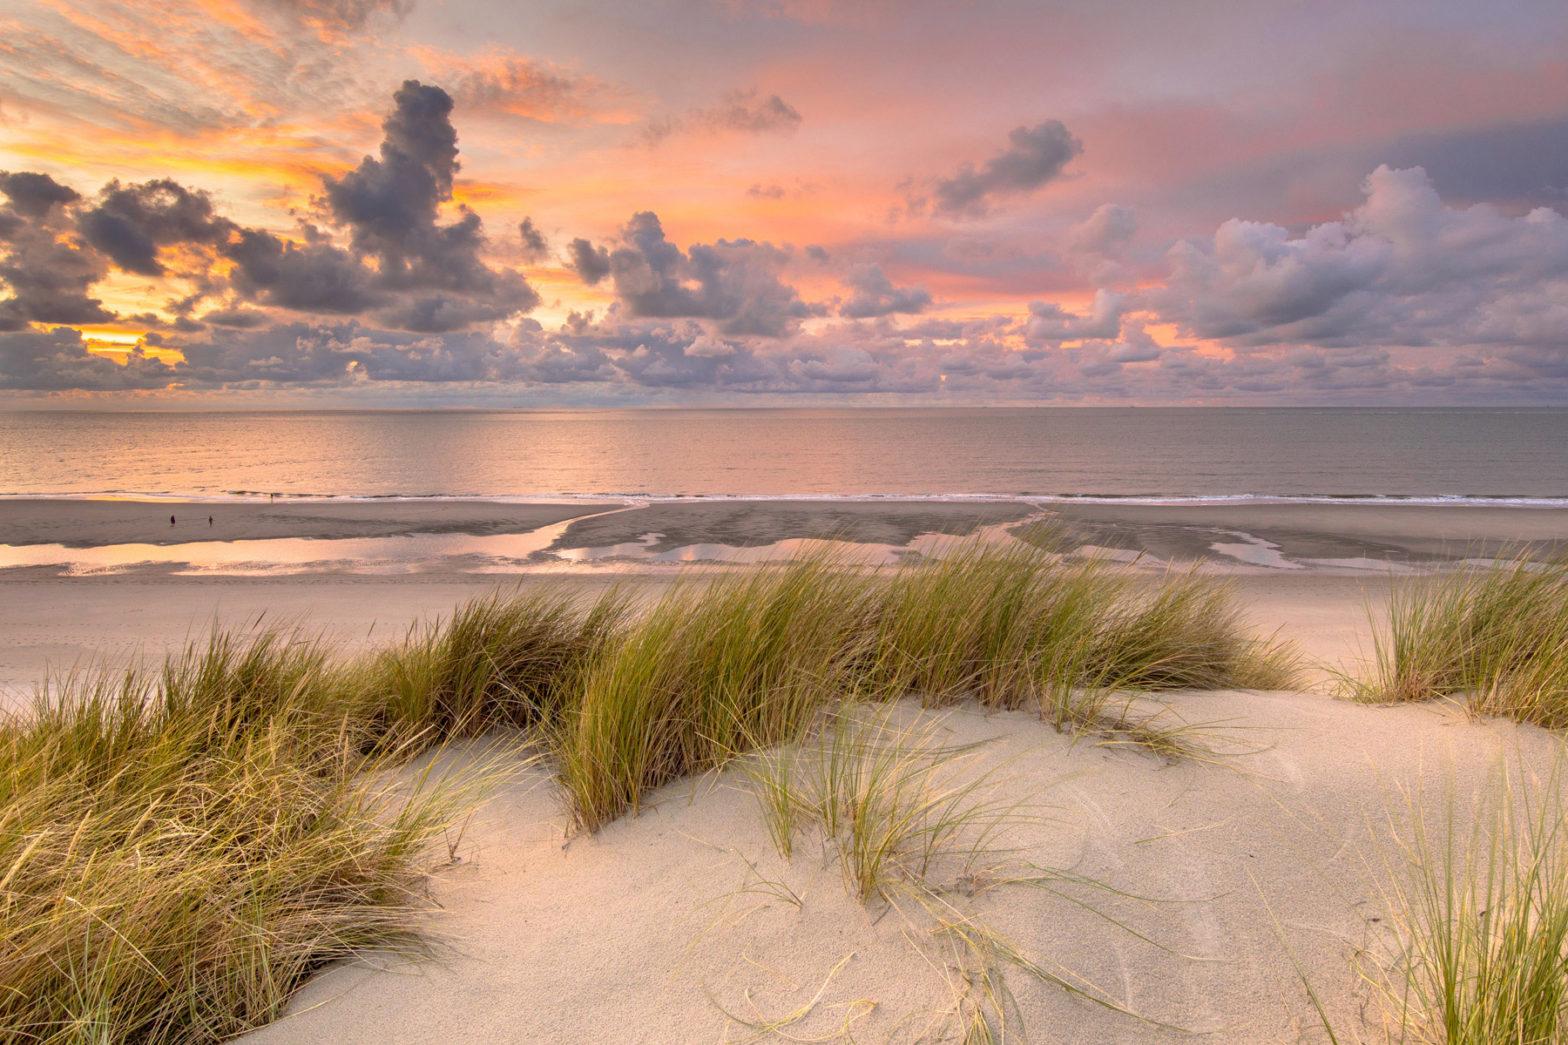 Mooie foto van de duinen op texel tijdens zonsondergang